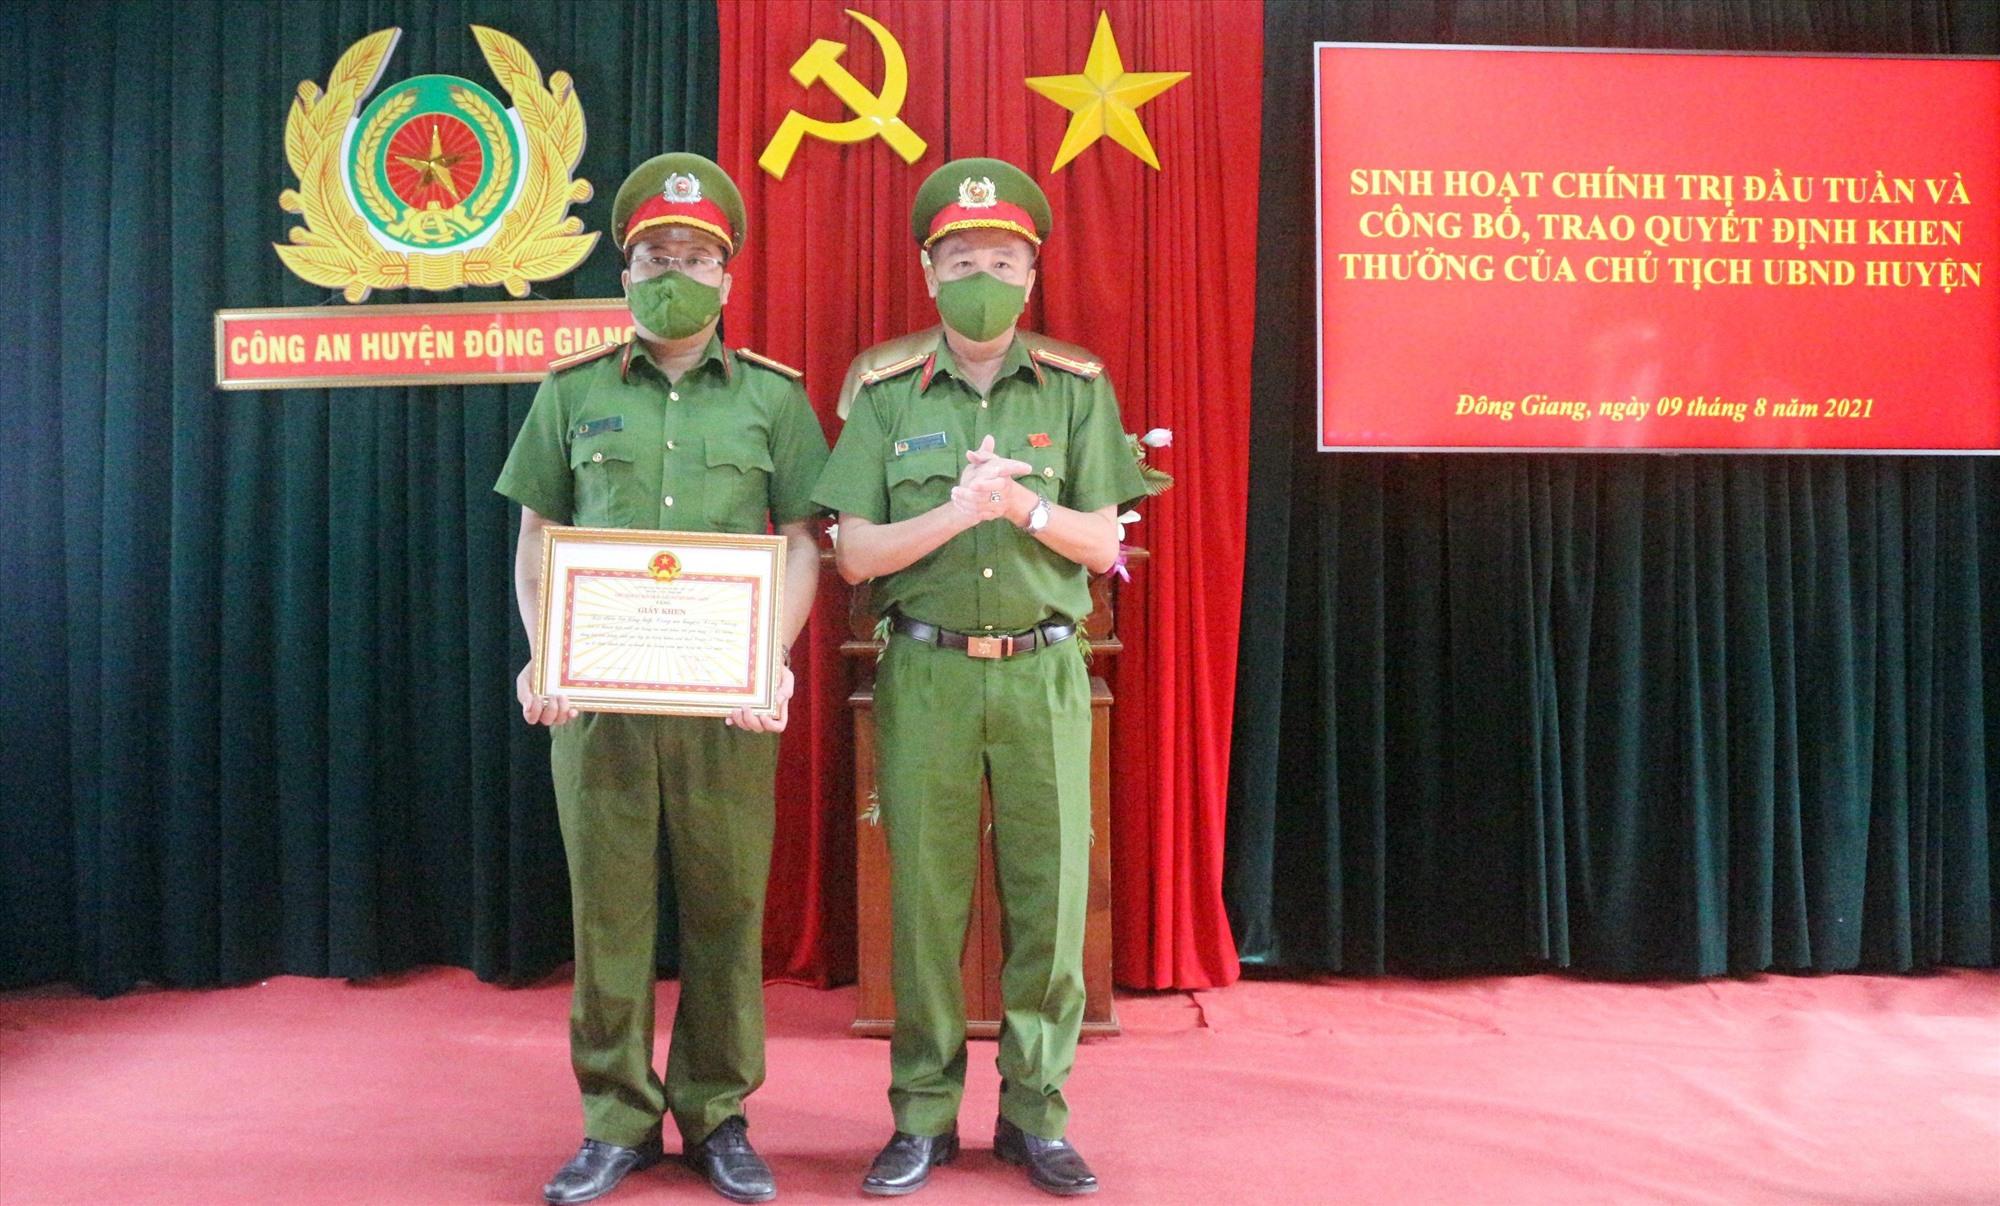 Với thành tích phá án ma túy và cá độ bóng đá, Đội Điều tra tổng hợp Công an huyện Đông Giang được Chủ tịch UBND huyện khen thưởng đột xuất. Ảnh: C.T